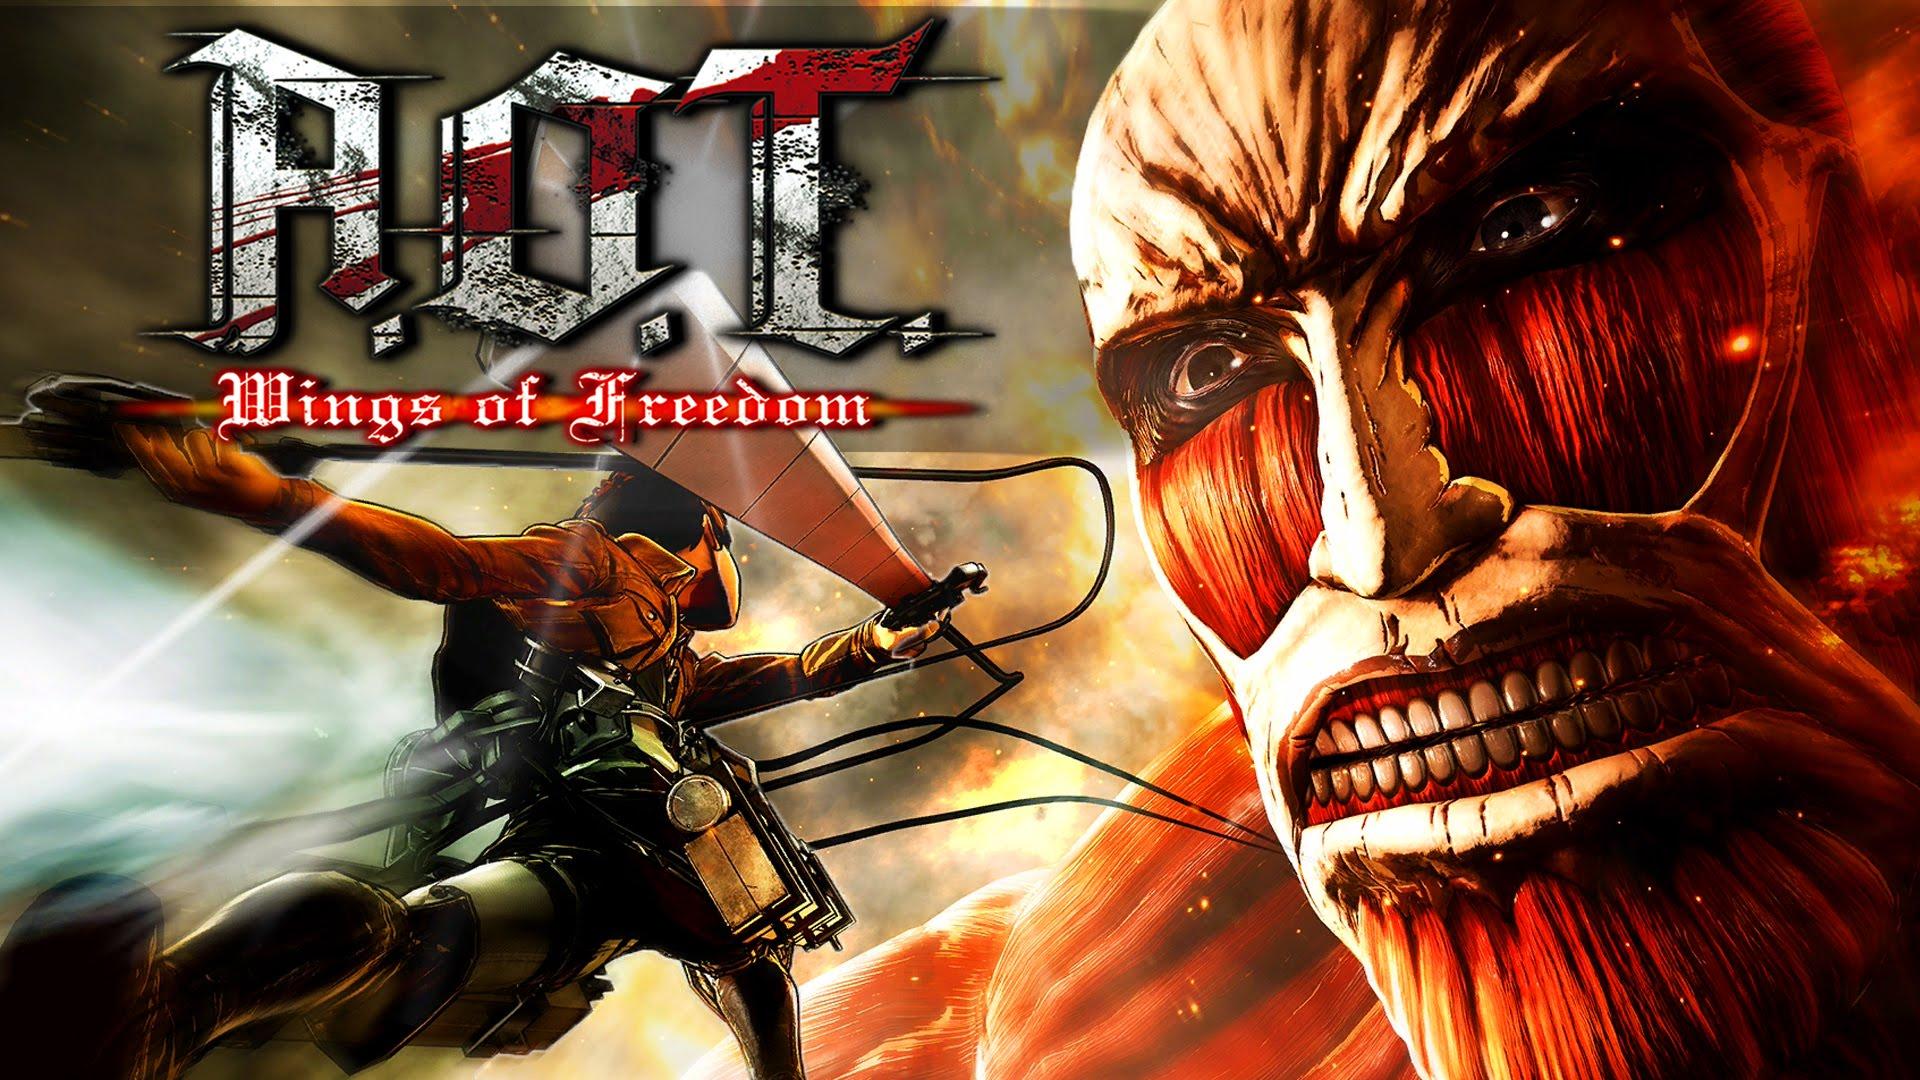 Пост-прохождение Attack of Titan: Wings of Freedom Часть 3. - Изображение 1